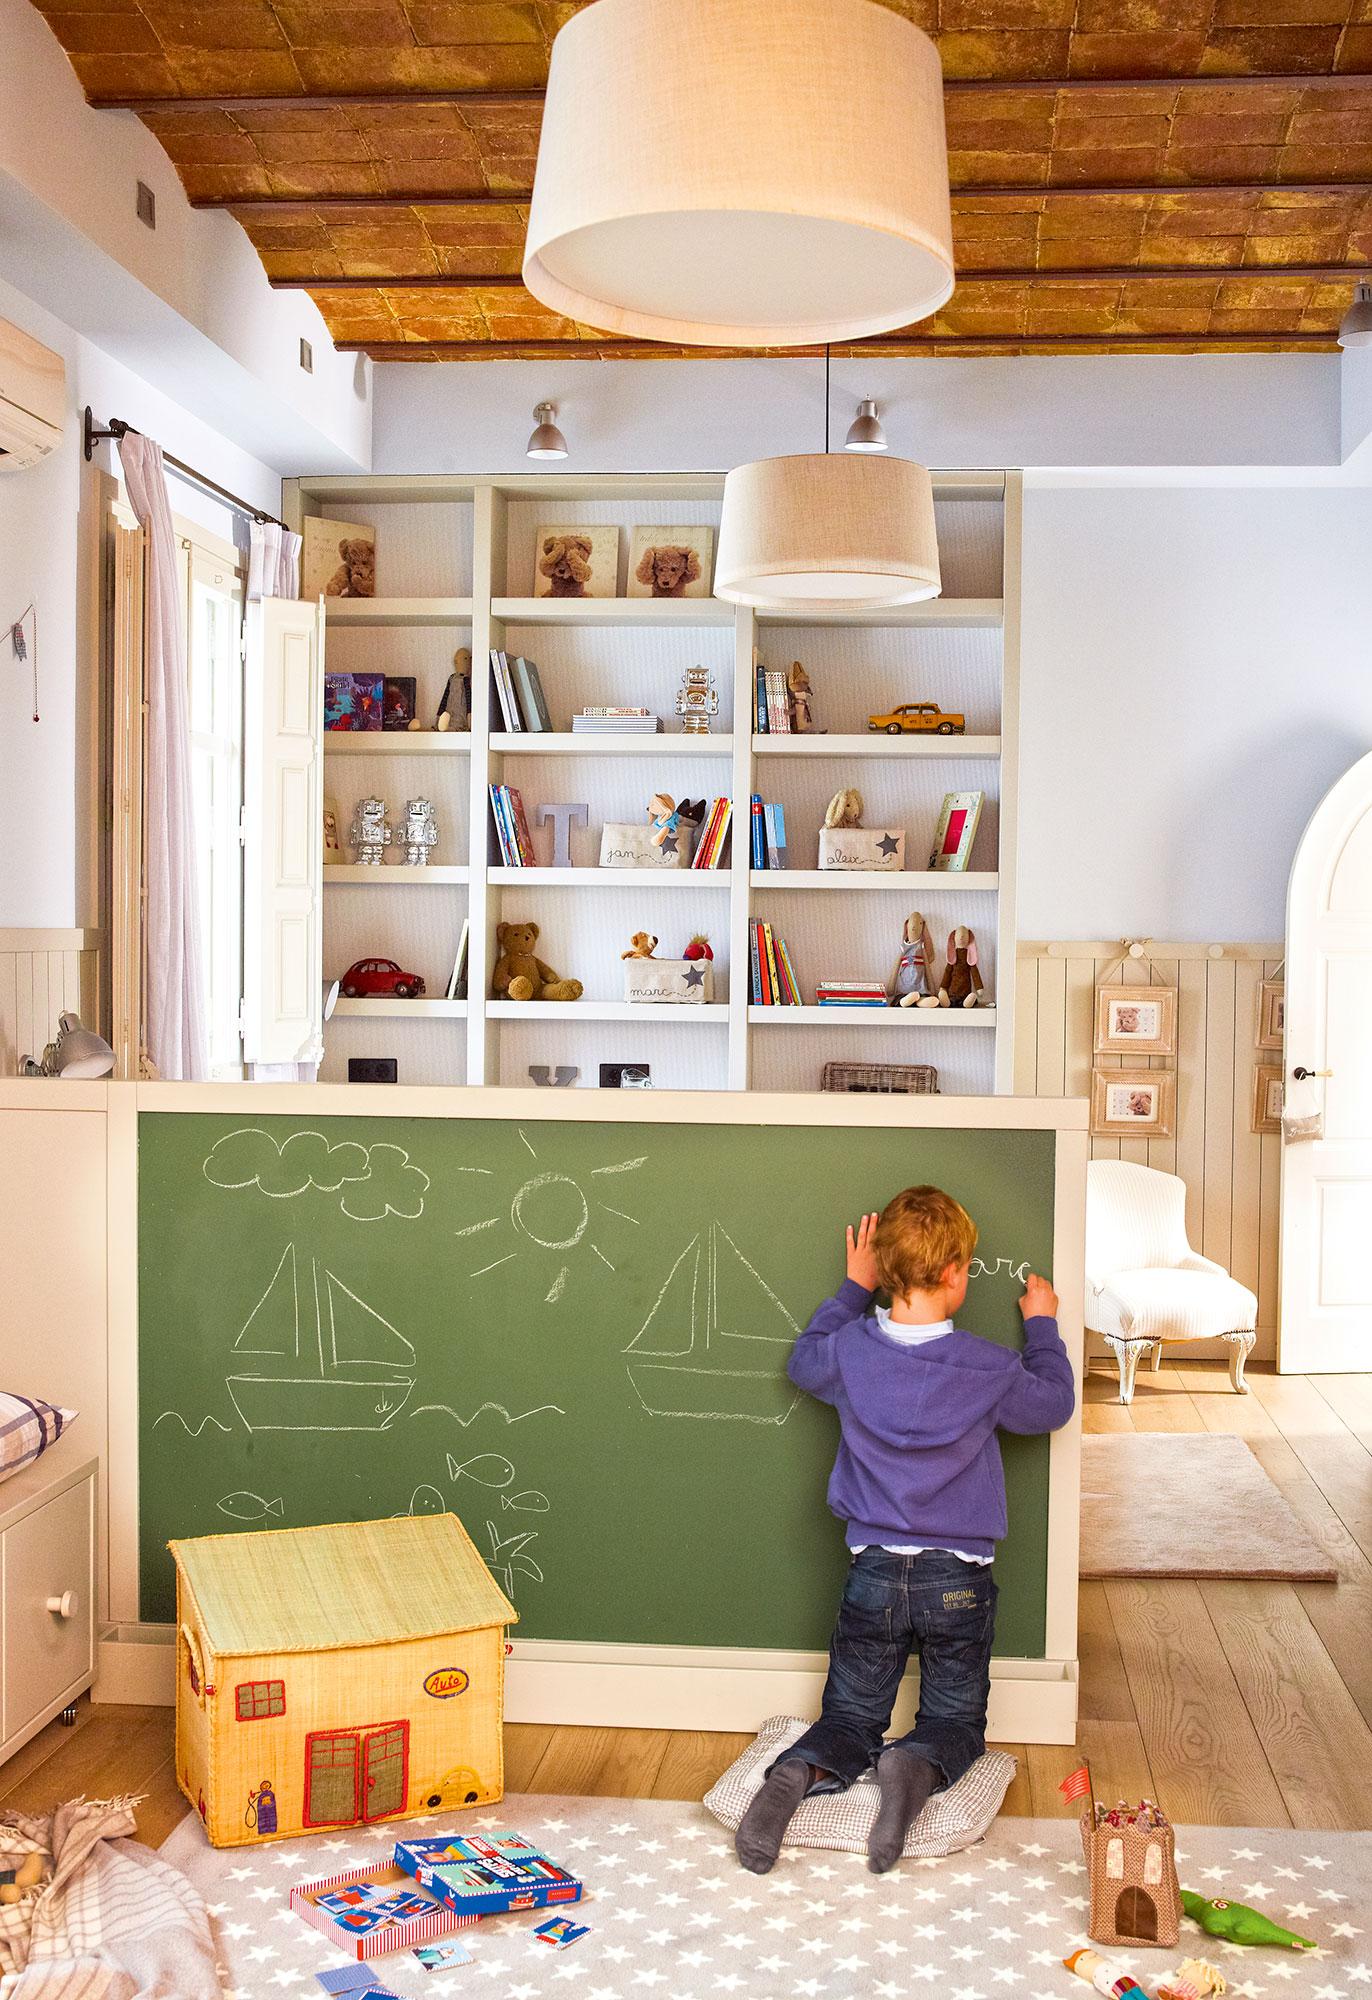 Soluciones para ordenar y guardar los juguetes - Almacenaje juguetes ninos ...